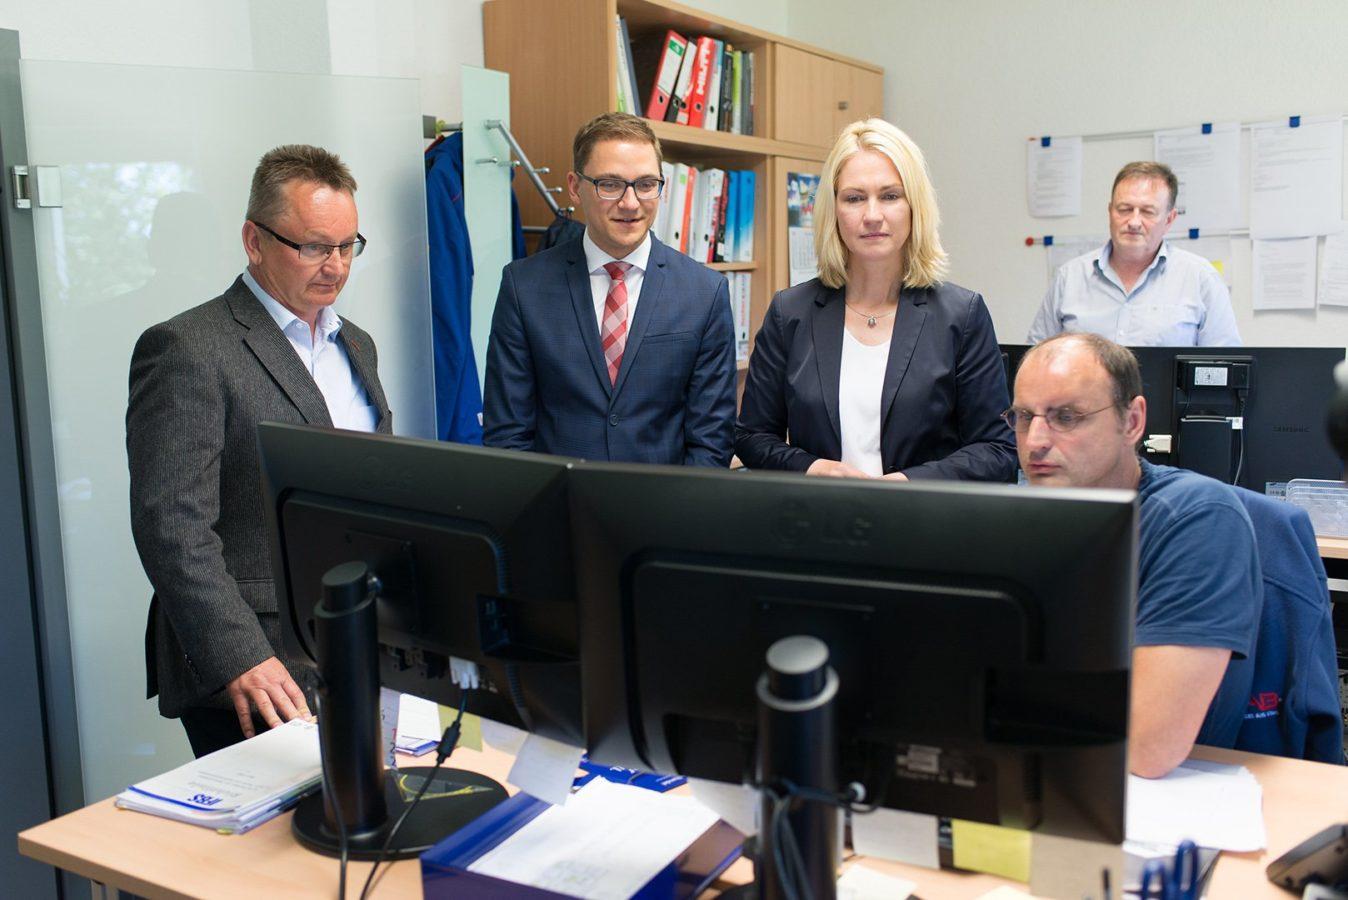 Manuel Schwesig HAB Wusterhusen Gespräch